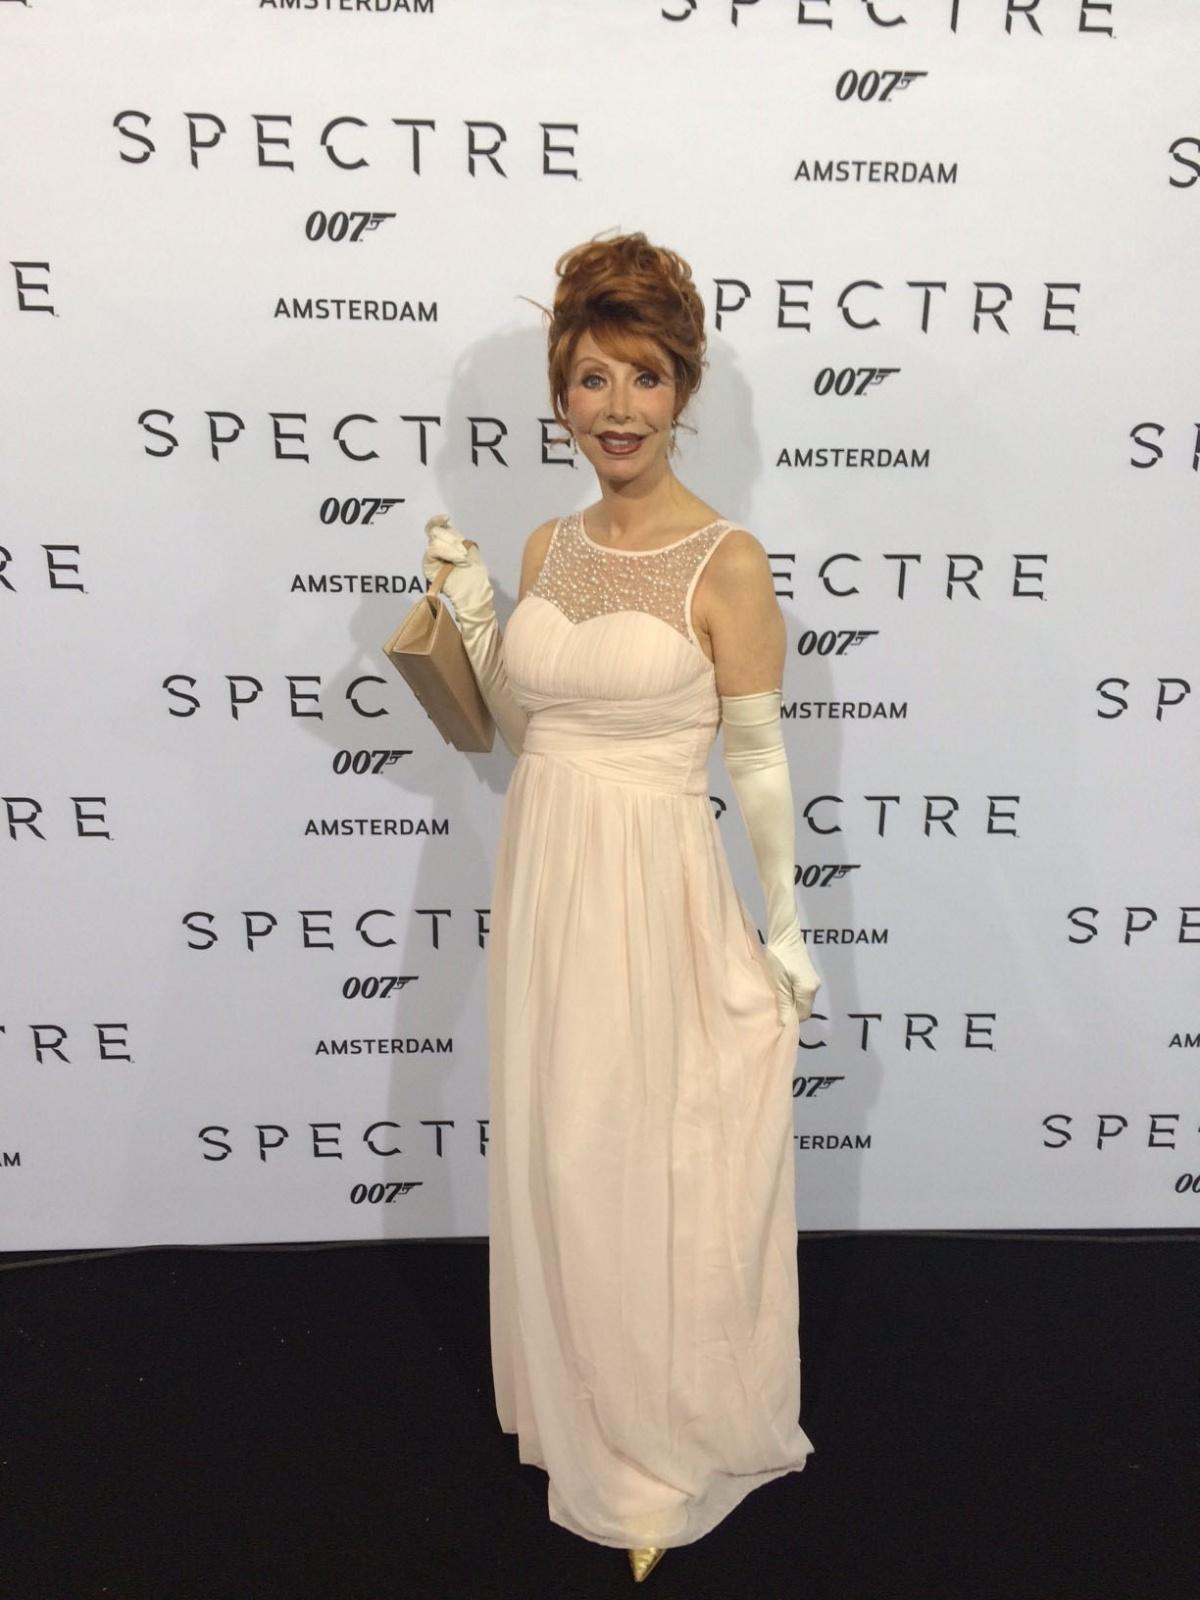 28 10 2015 Marijke Helwegen Première Spectre6